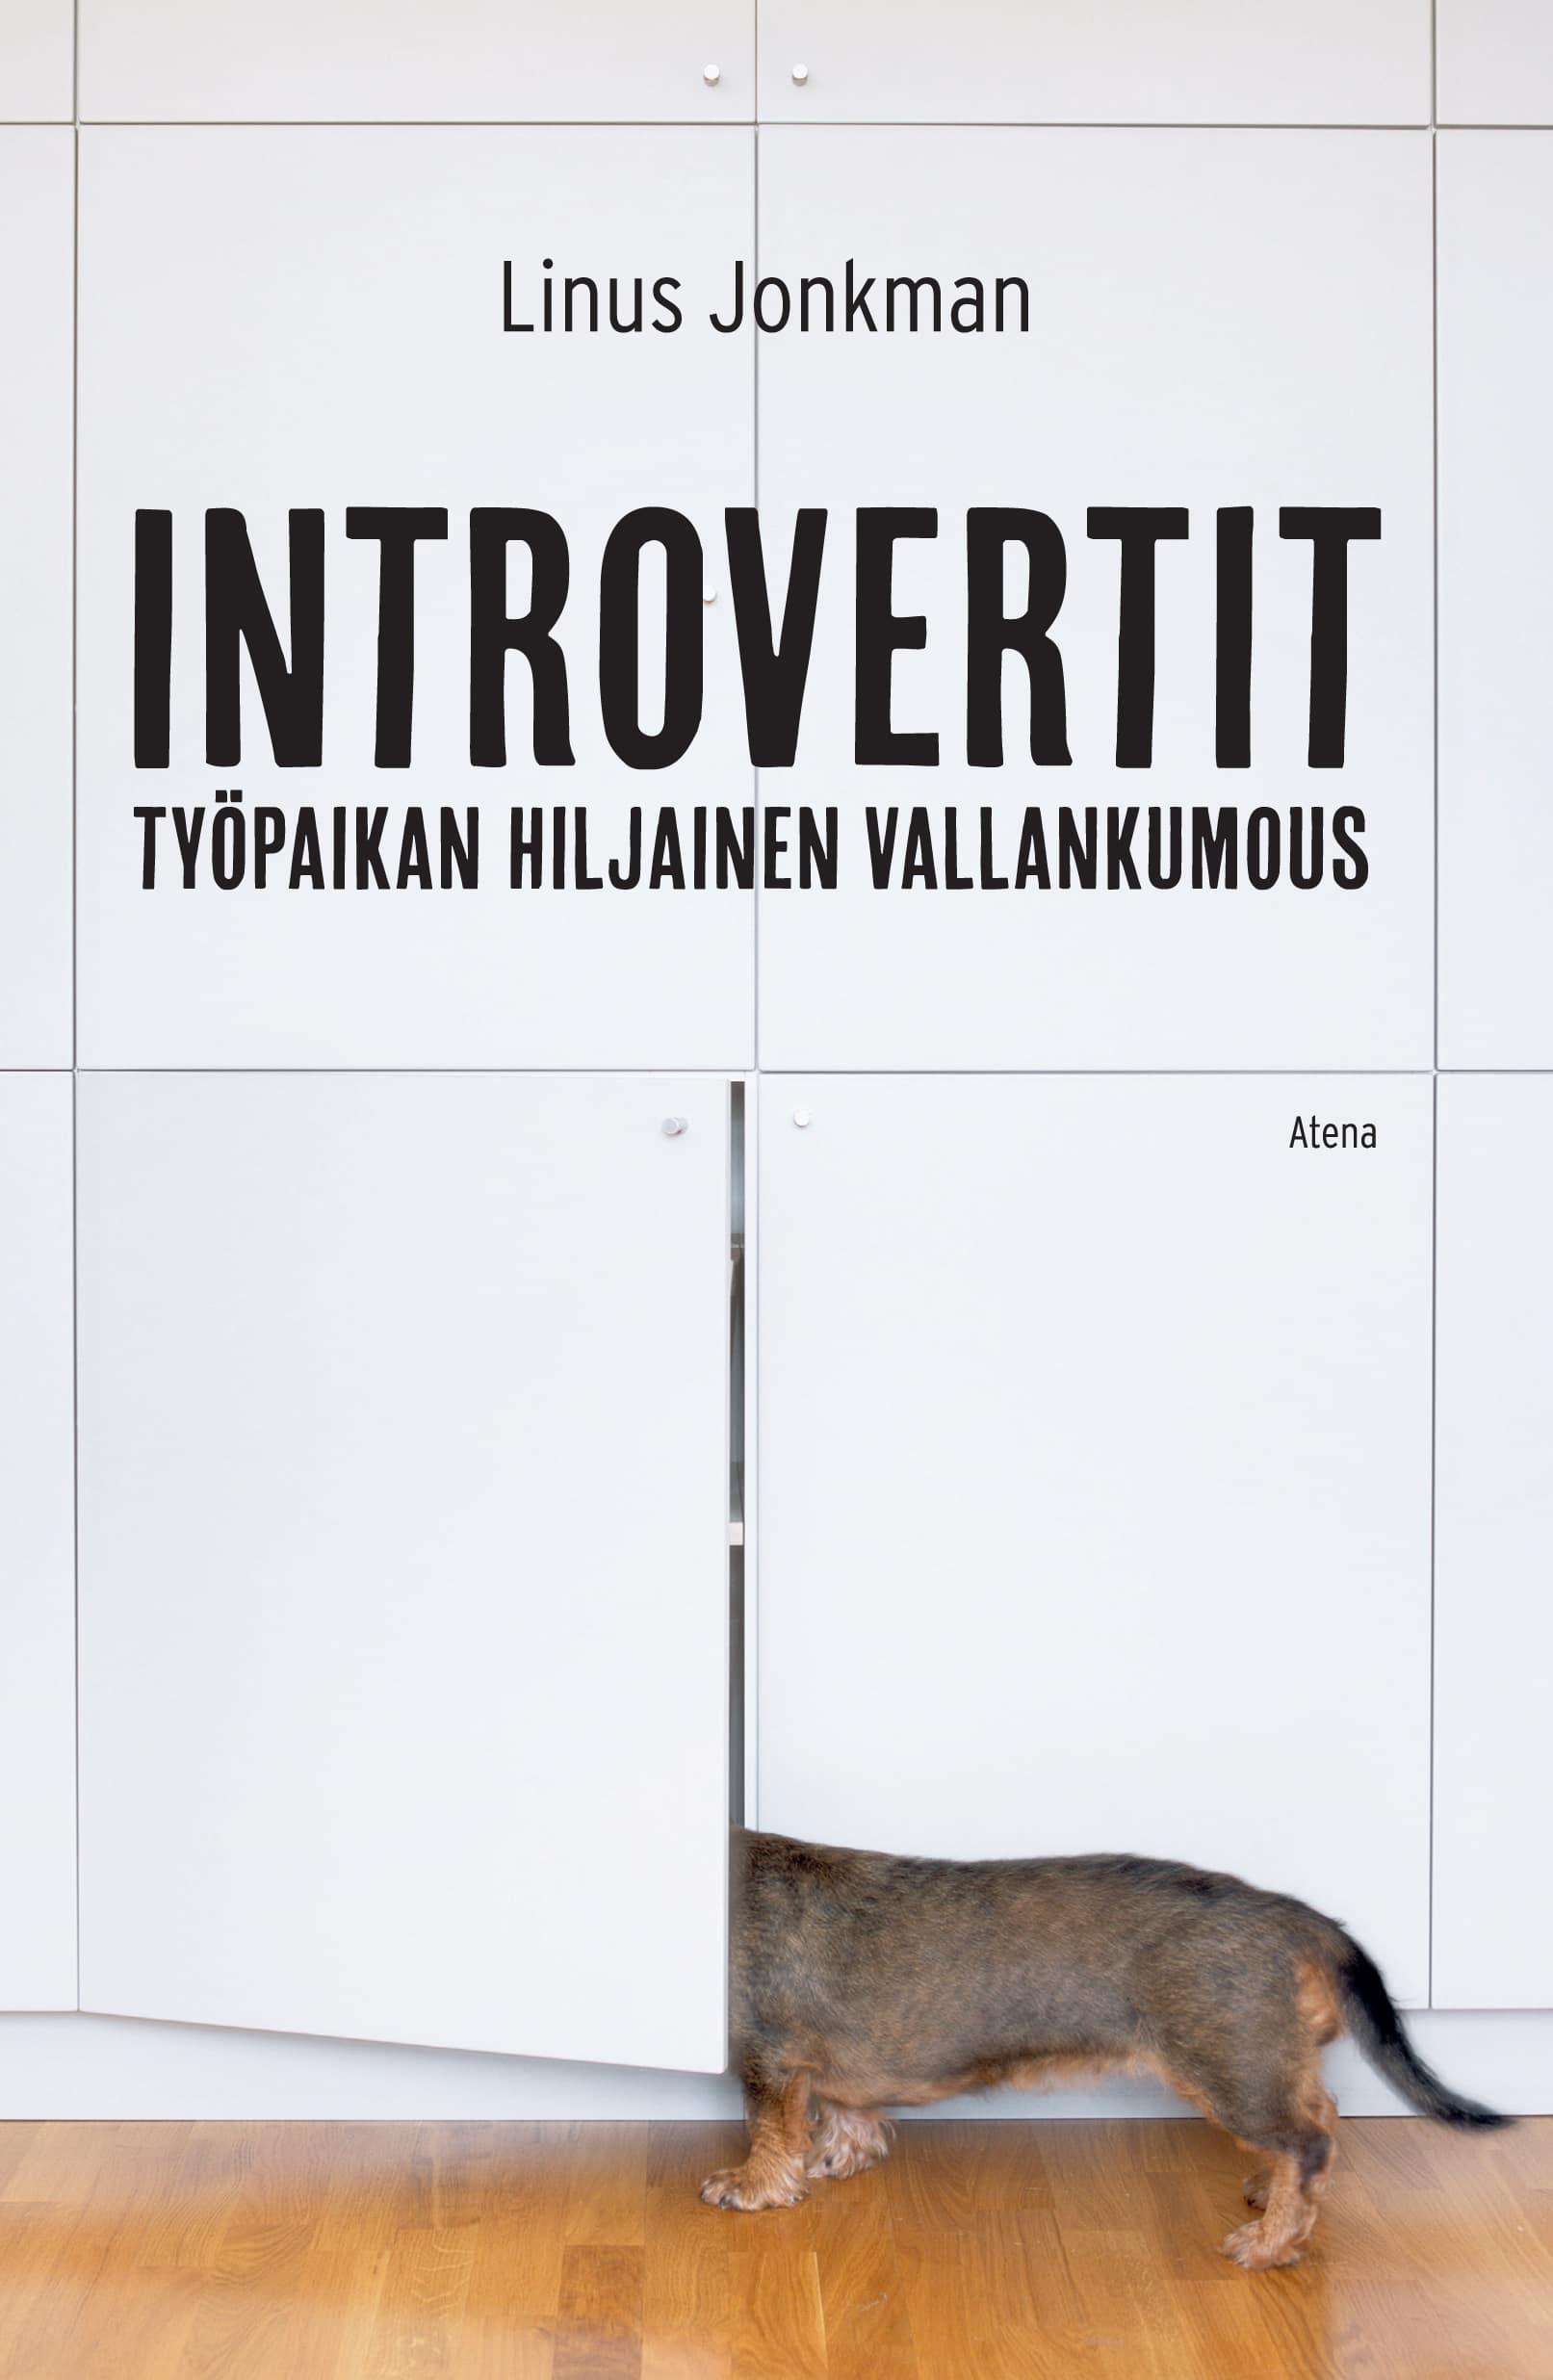 Introvertit, kirjoittanut Linus Jonkman - kirjan kansikuva